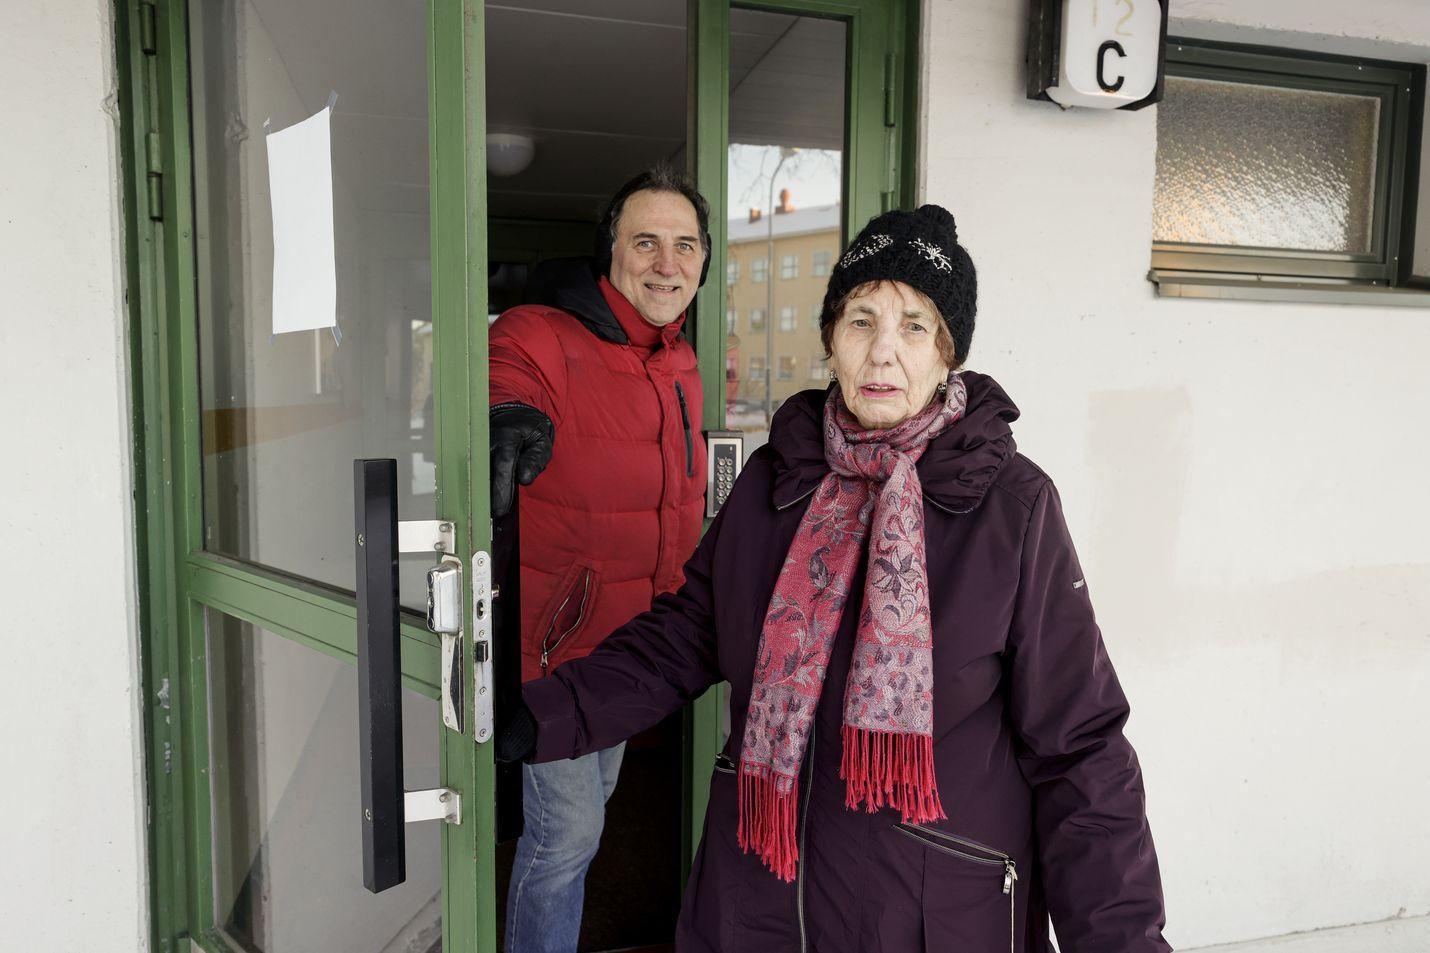 Marja-Liisa Orava elää tyytyväisenä nykyisessä kodissaan, jossa ei haise tupakka. Hänen poikansa Pasi Orava toimii taloyhtiöiden hallituksissa itsekin ja tietää, että tupakointi on kautta linjan vähentynyt. Kun ongelmia tulee, ne otetaan entistä herkemmin puheeksi.